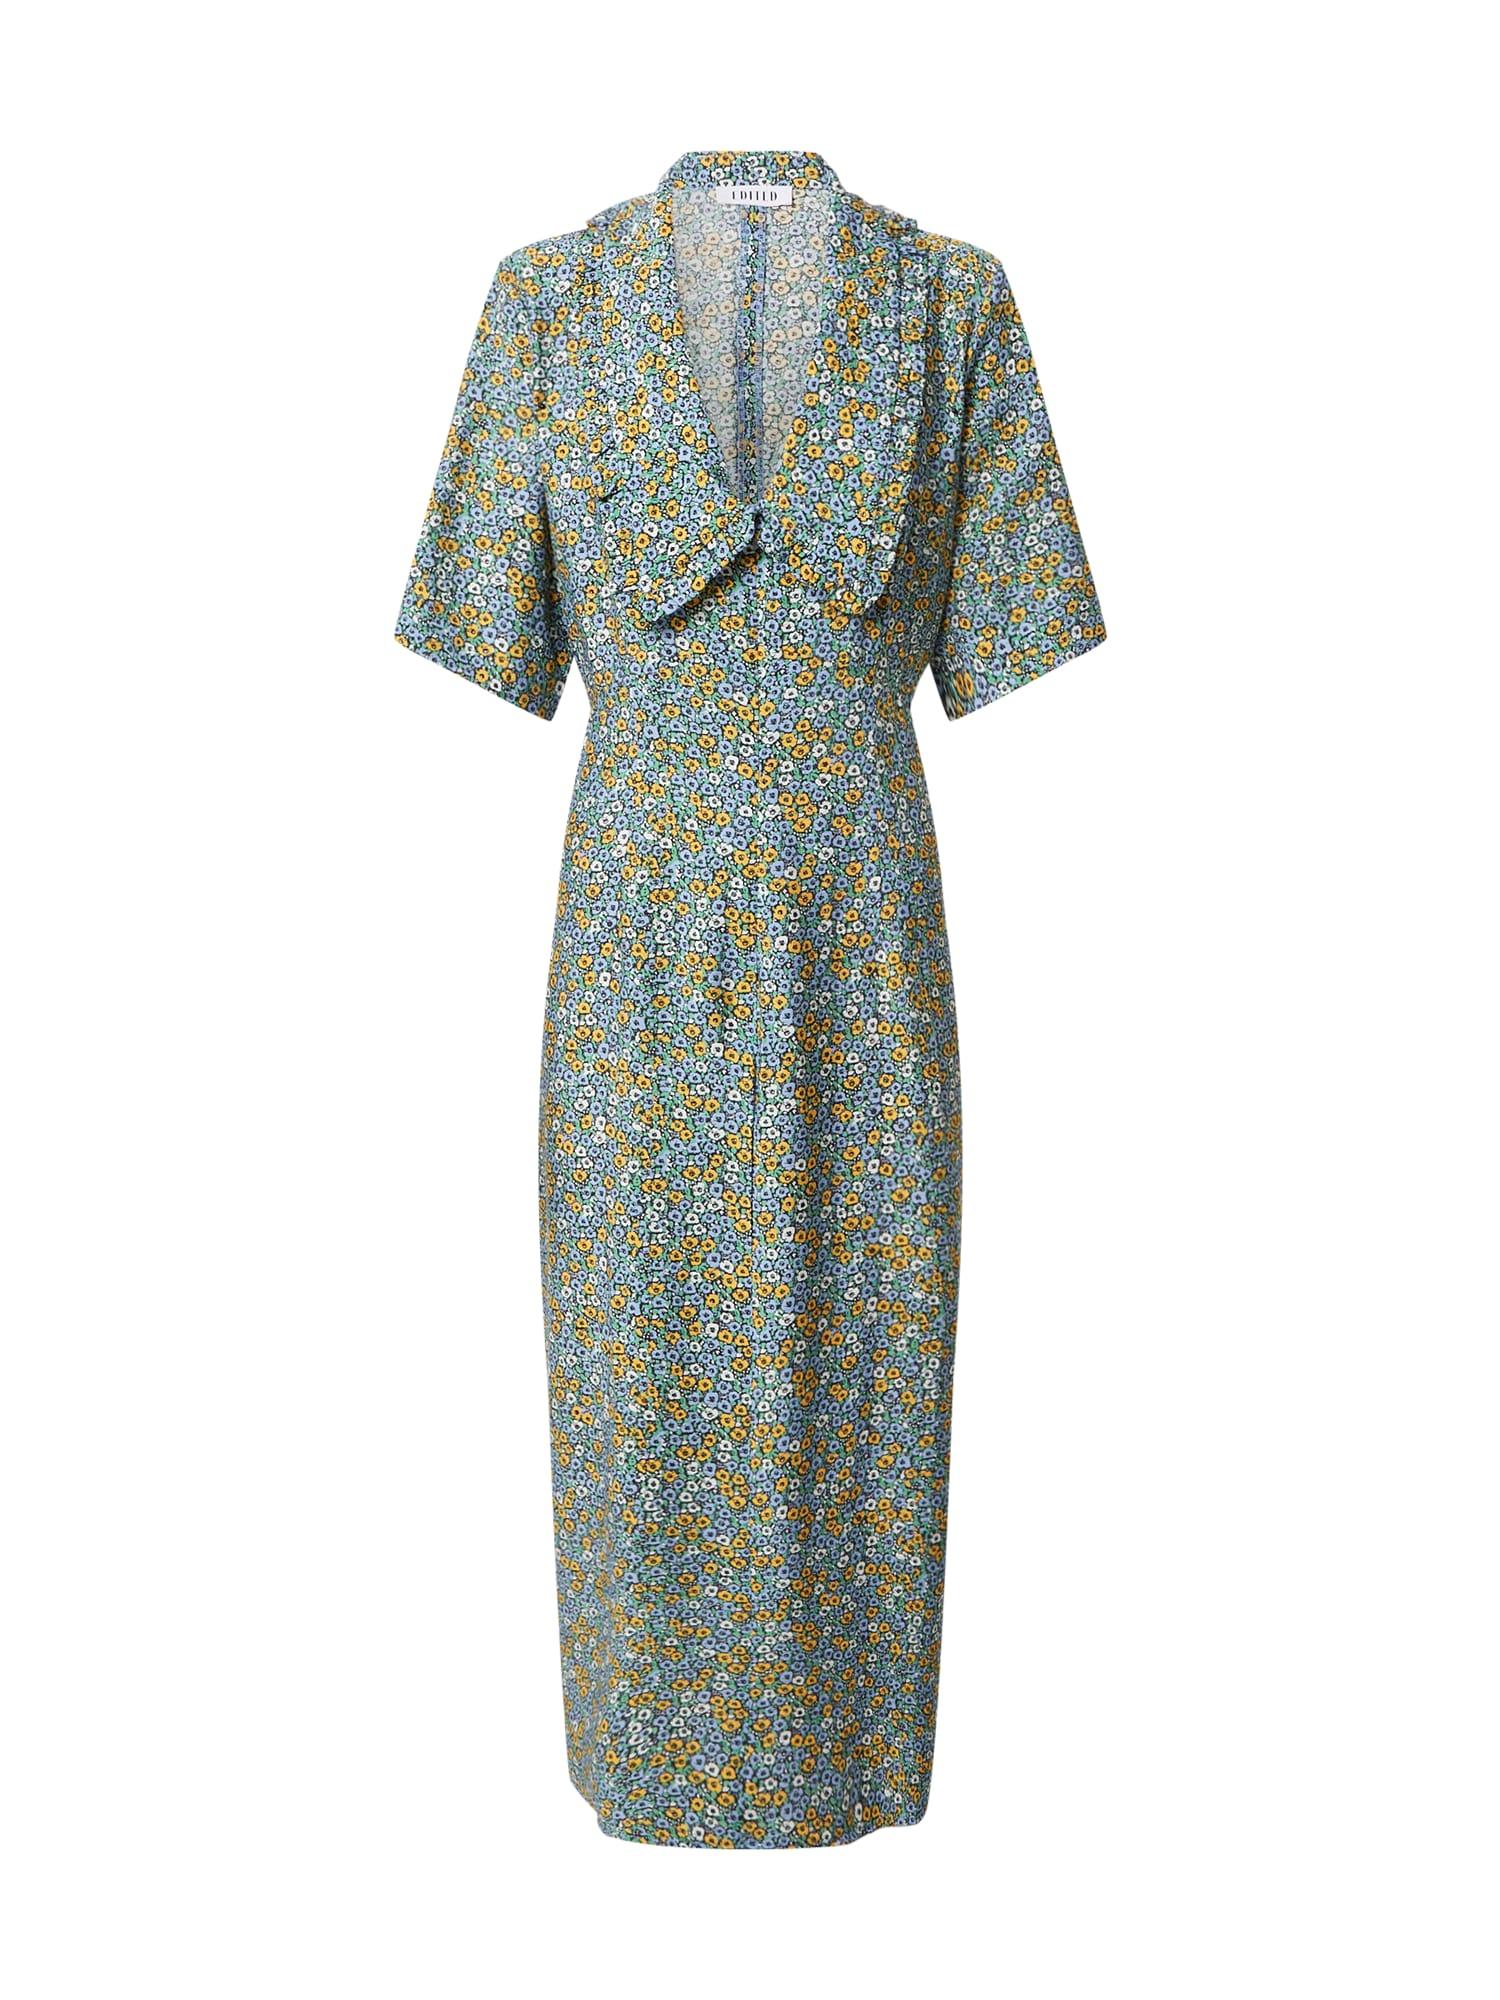 EDITED Palaidinės tipo suknelė 'Nathaly' mišrios spalvos